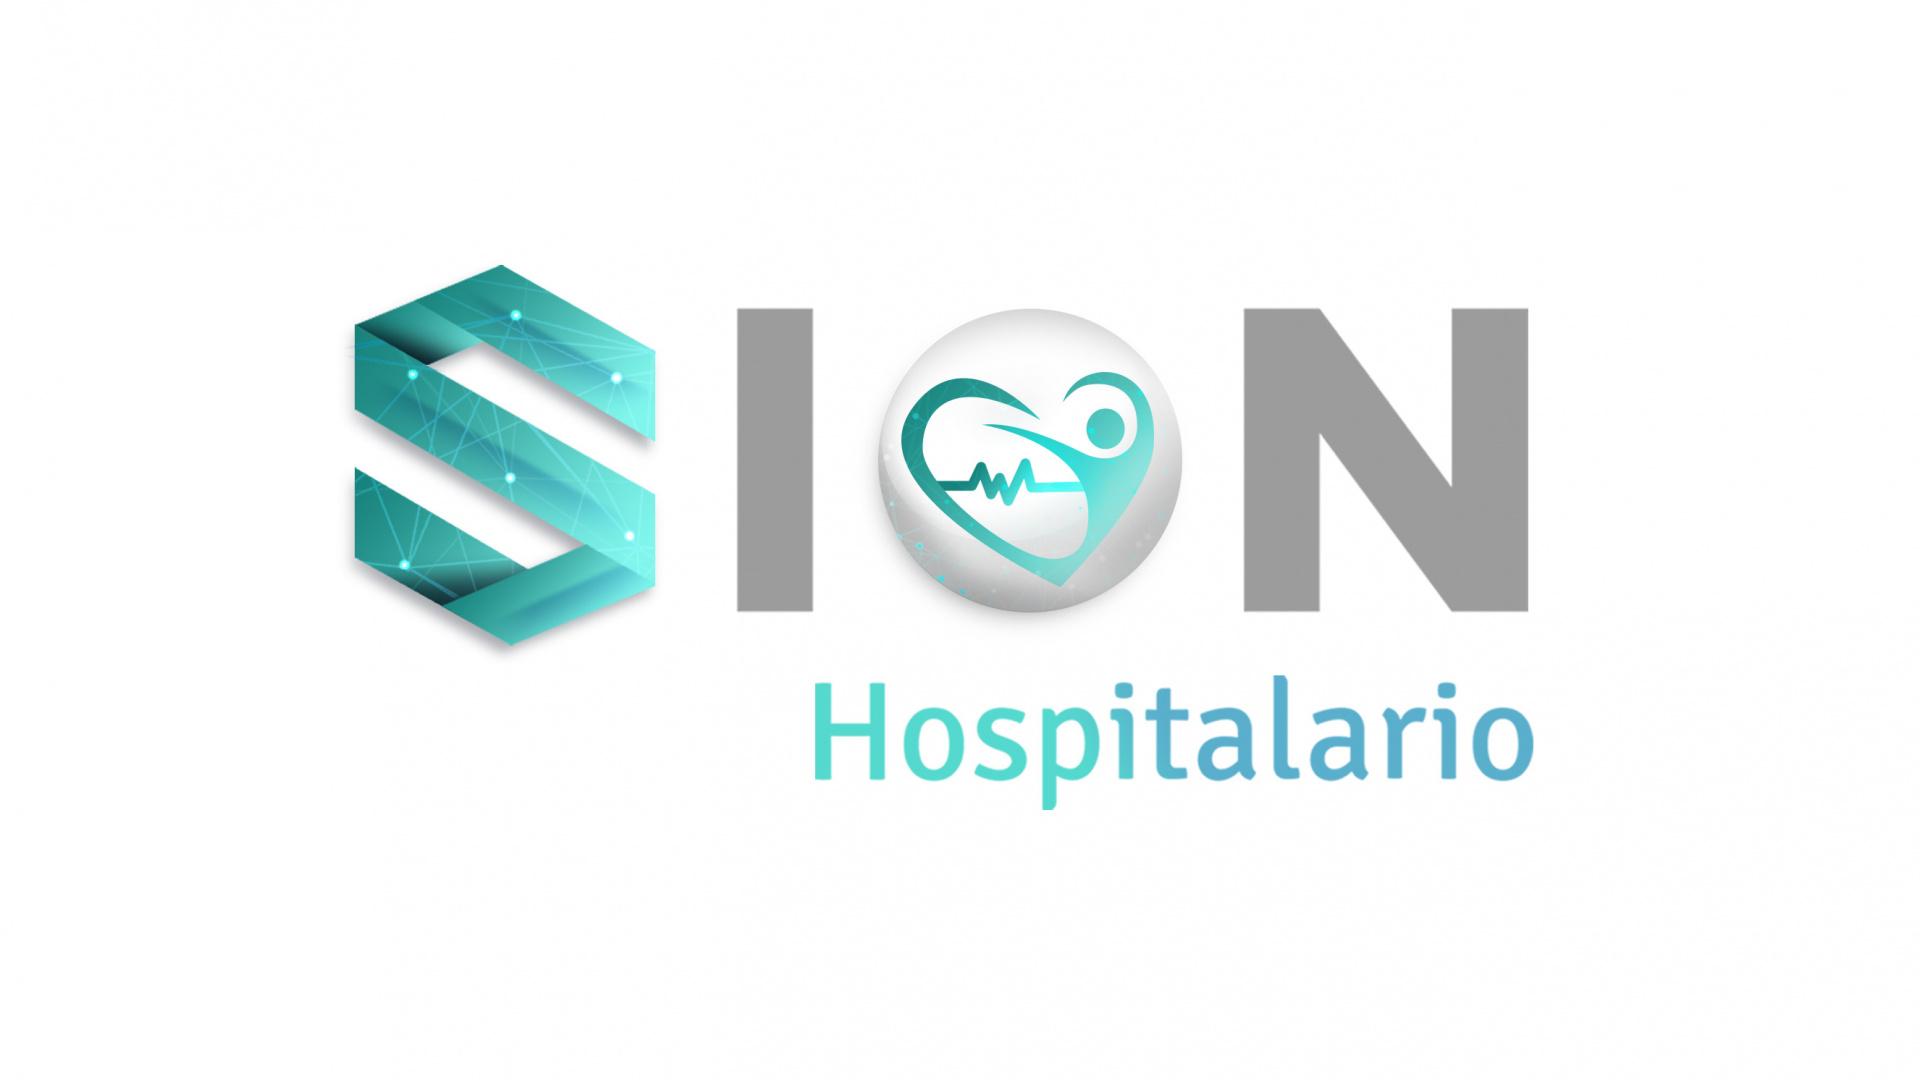 SION Hospitalario